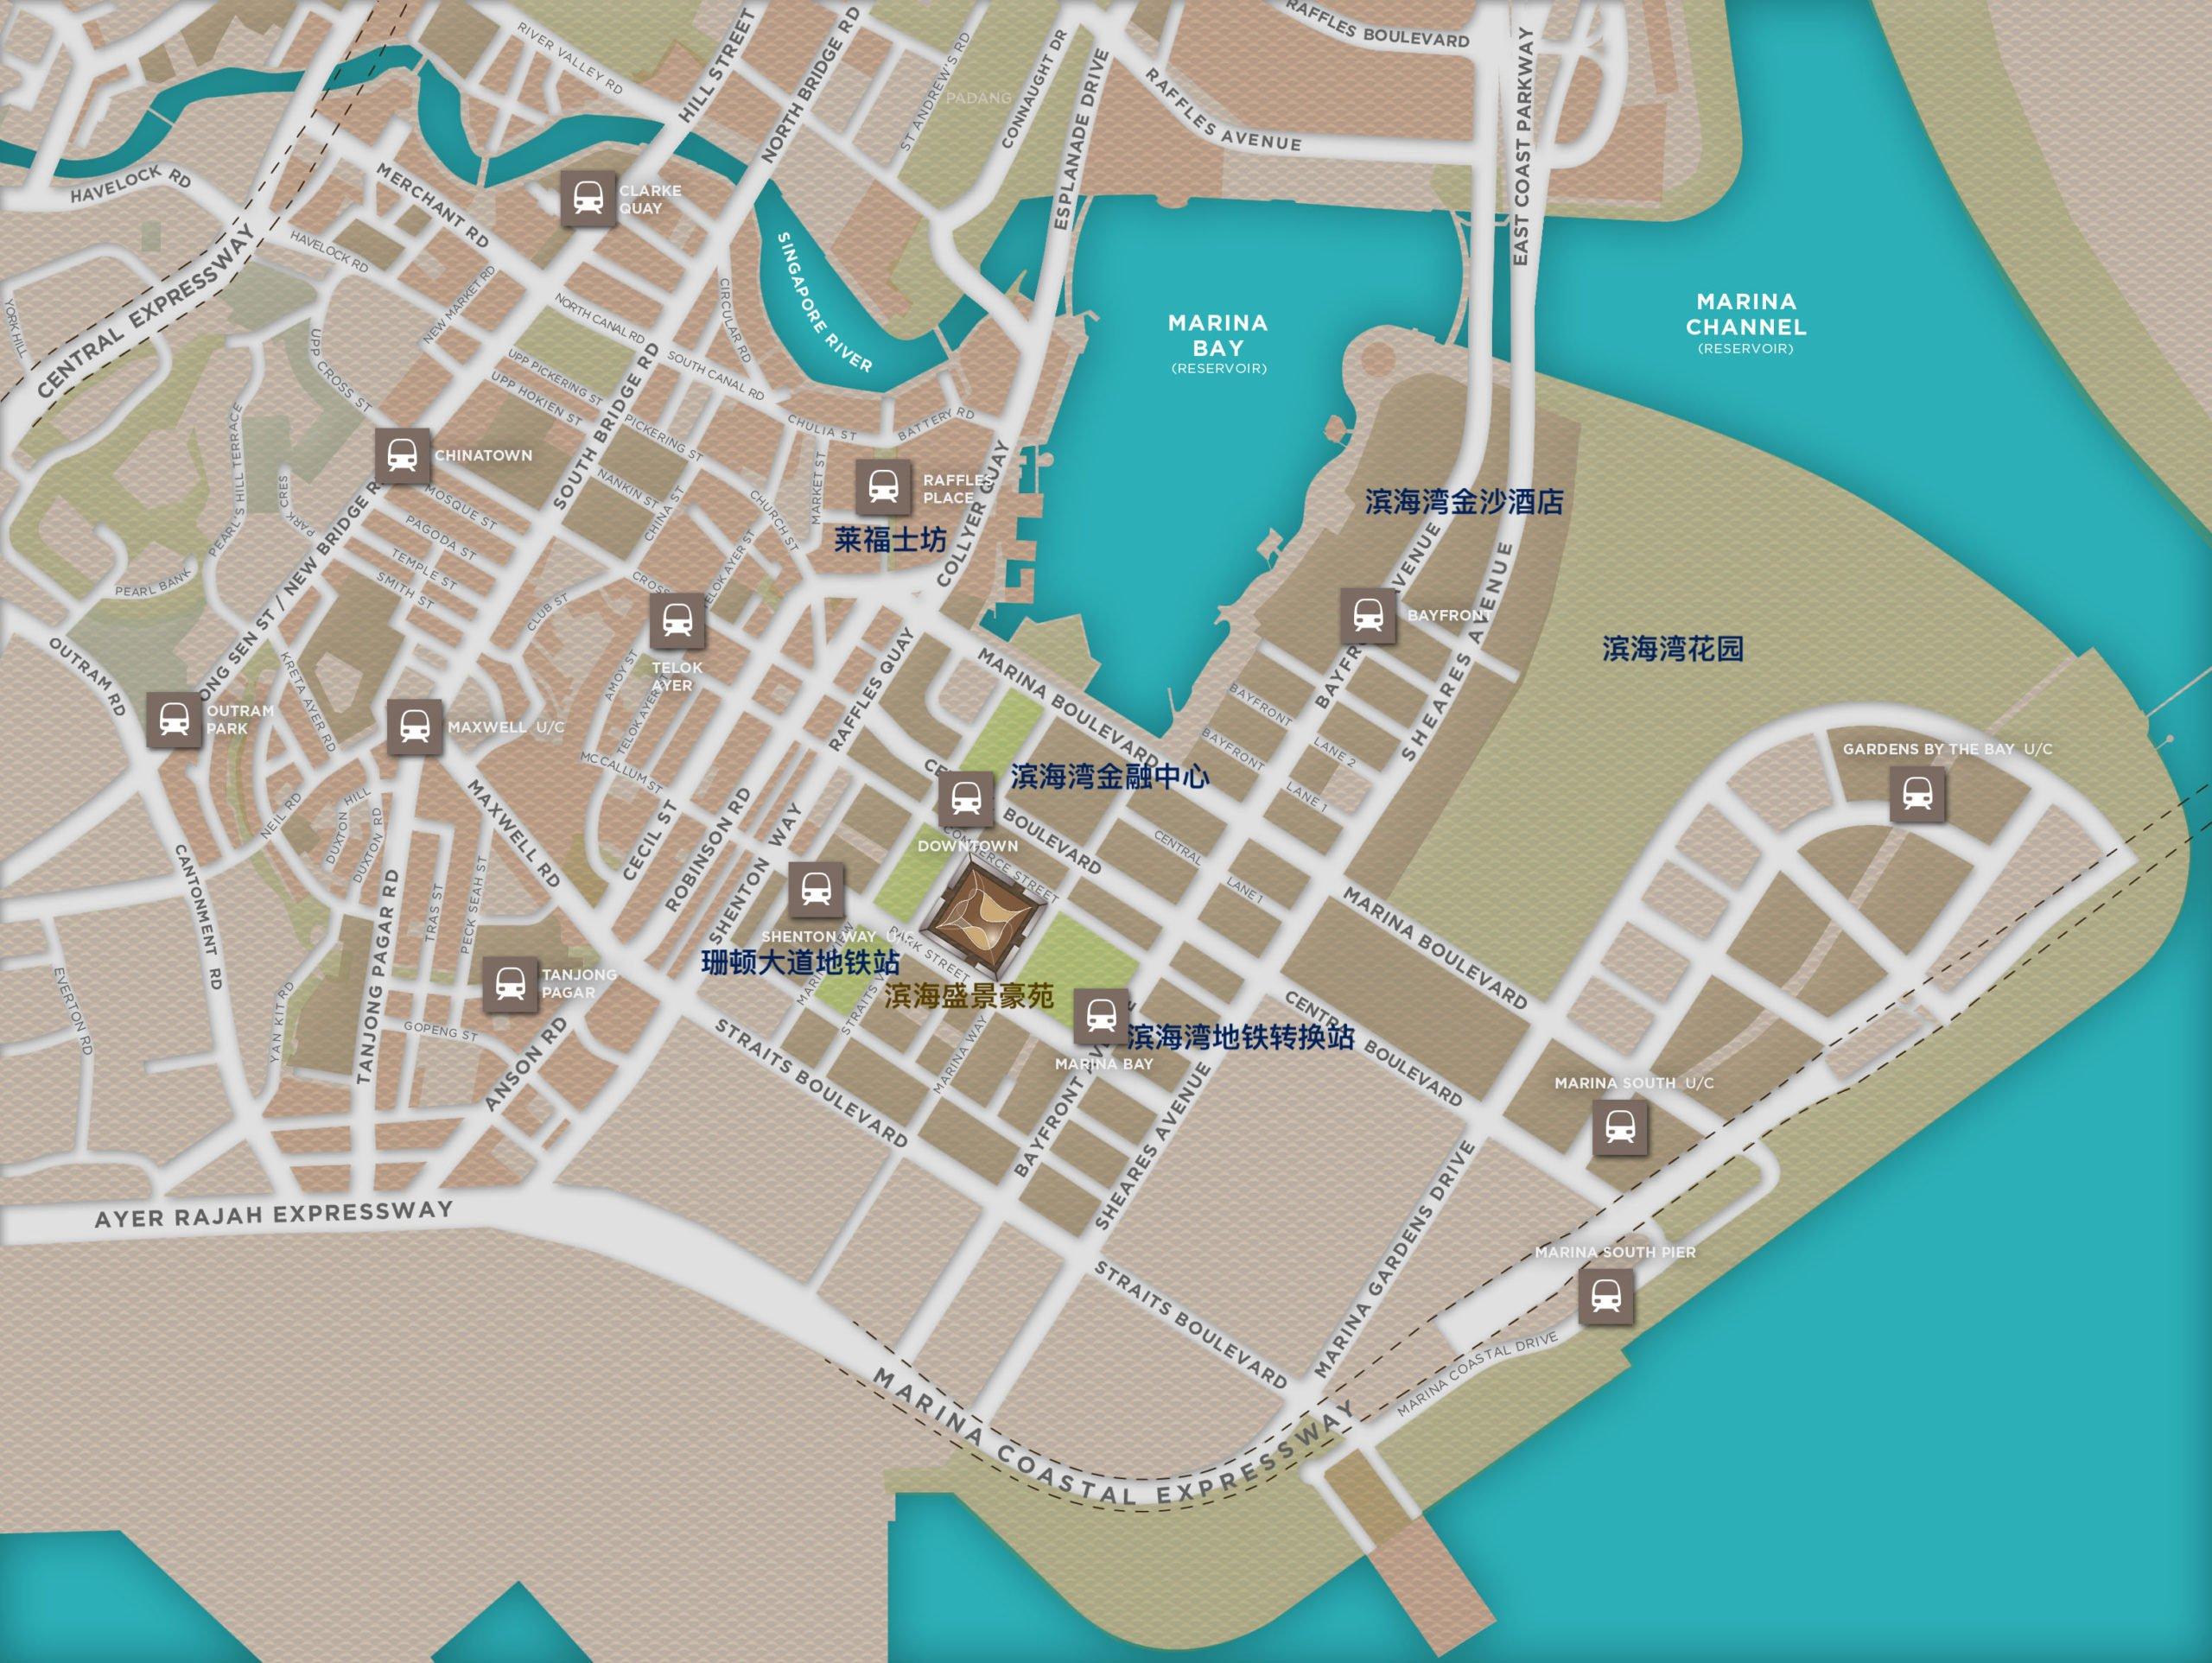 滨海盛景豪苑地段地图 marina one residences location map